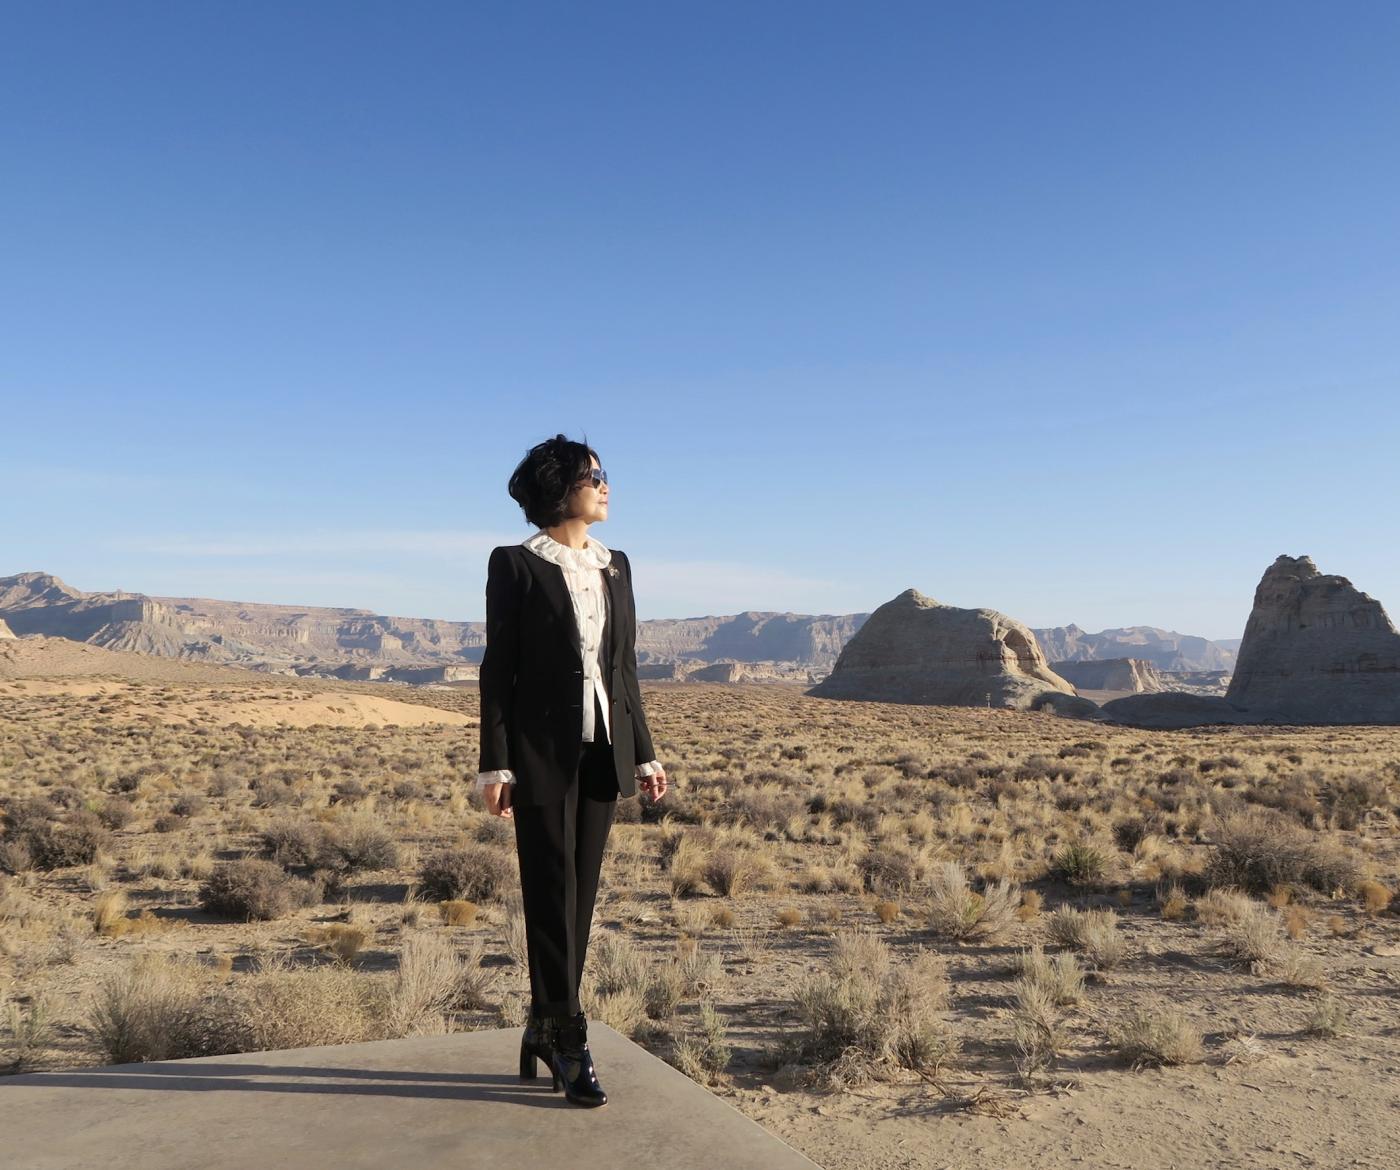 在渺无人烟的大沙漠中如何自得其乐_图1-39